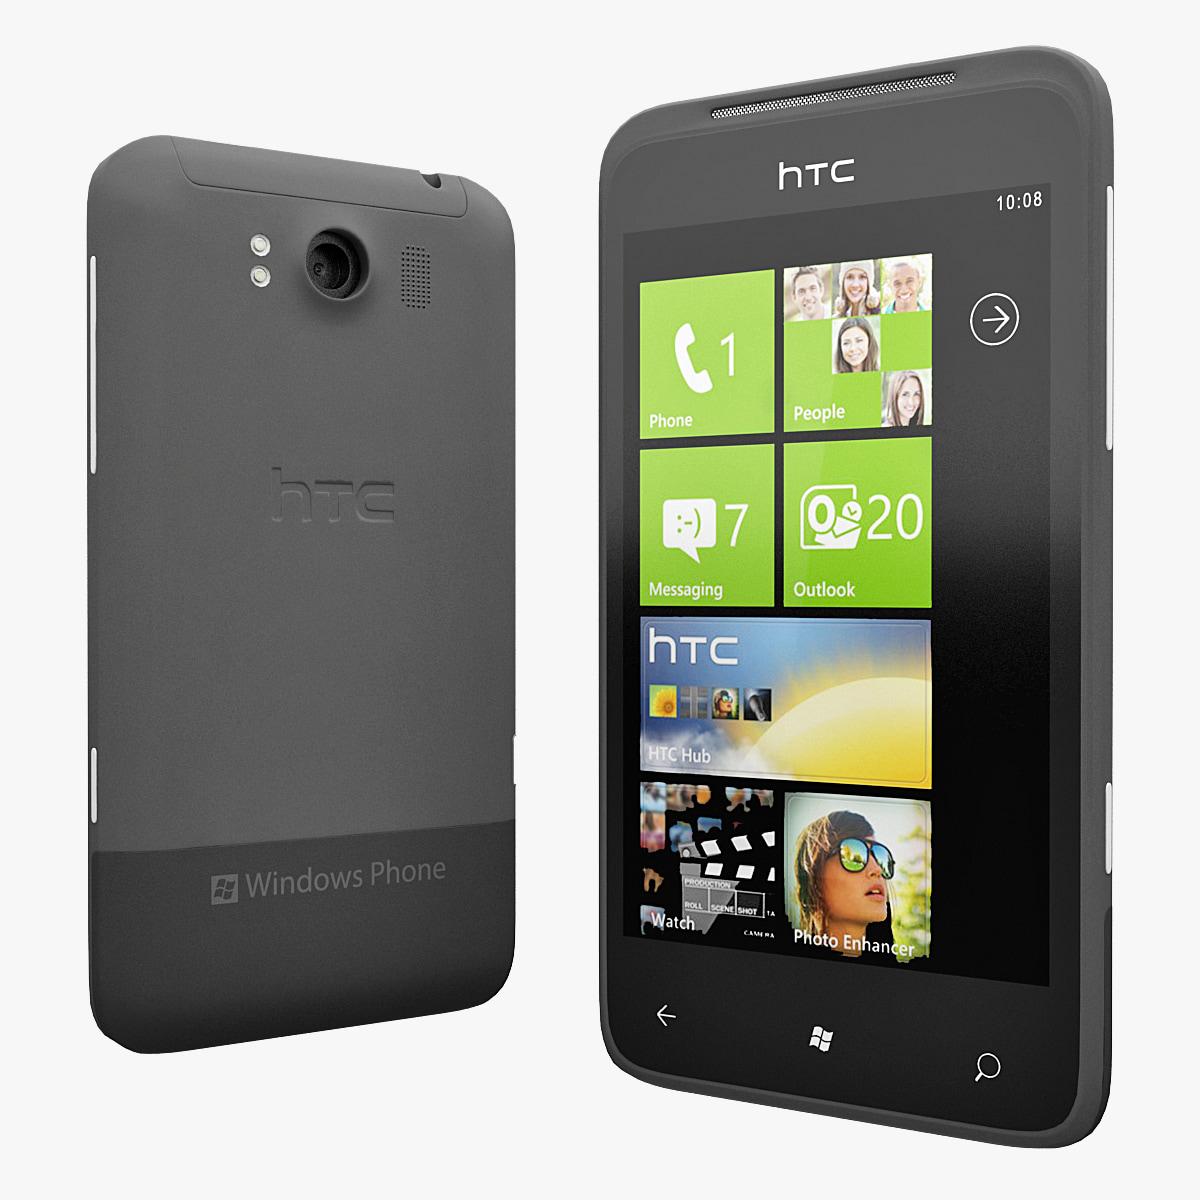 HTC_Titan_0000_2.jpg